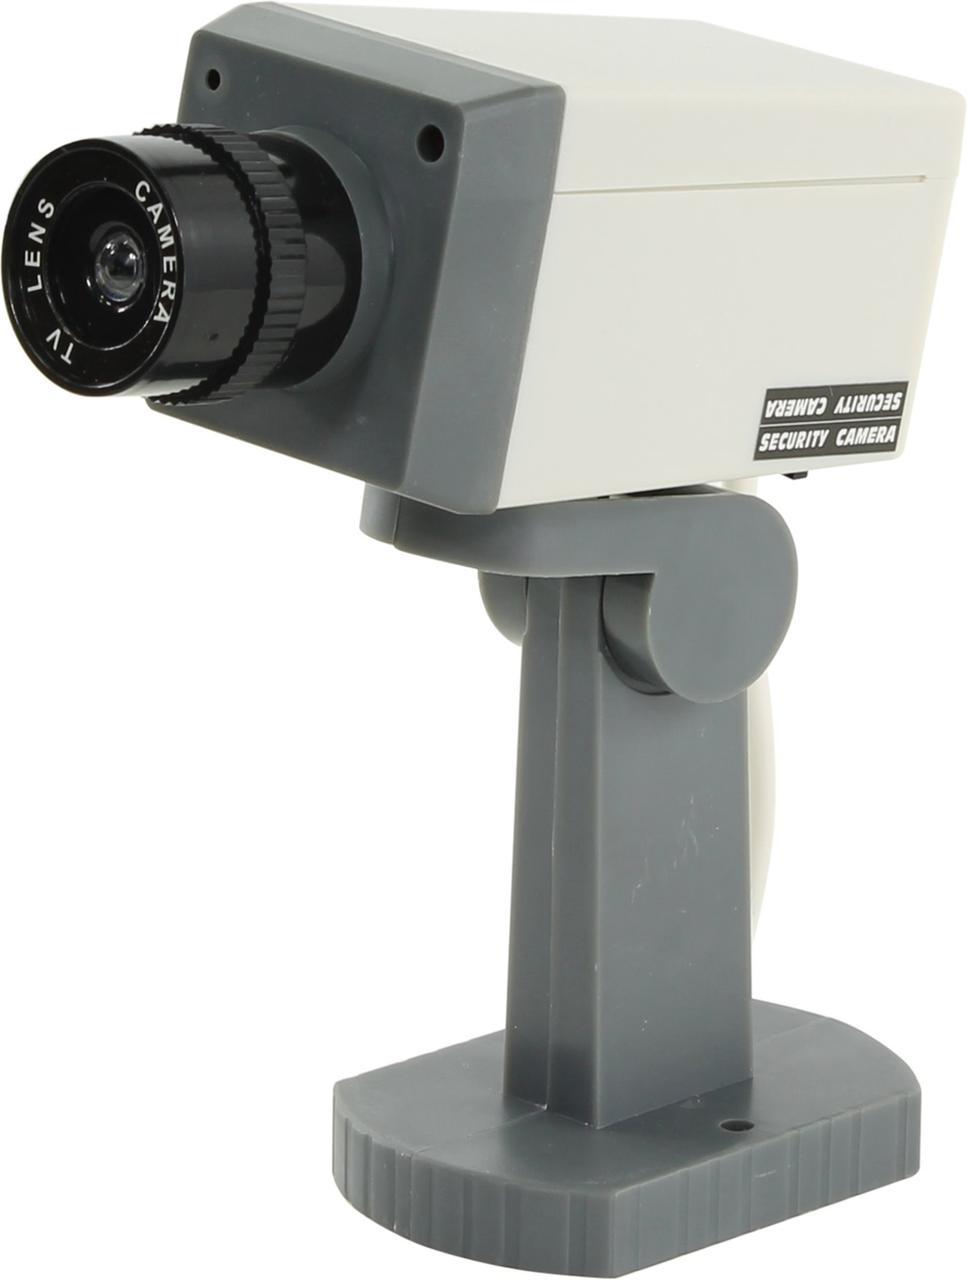 Камера наблюдения муляж с датчиком двжения и мотором